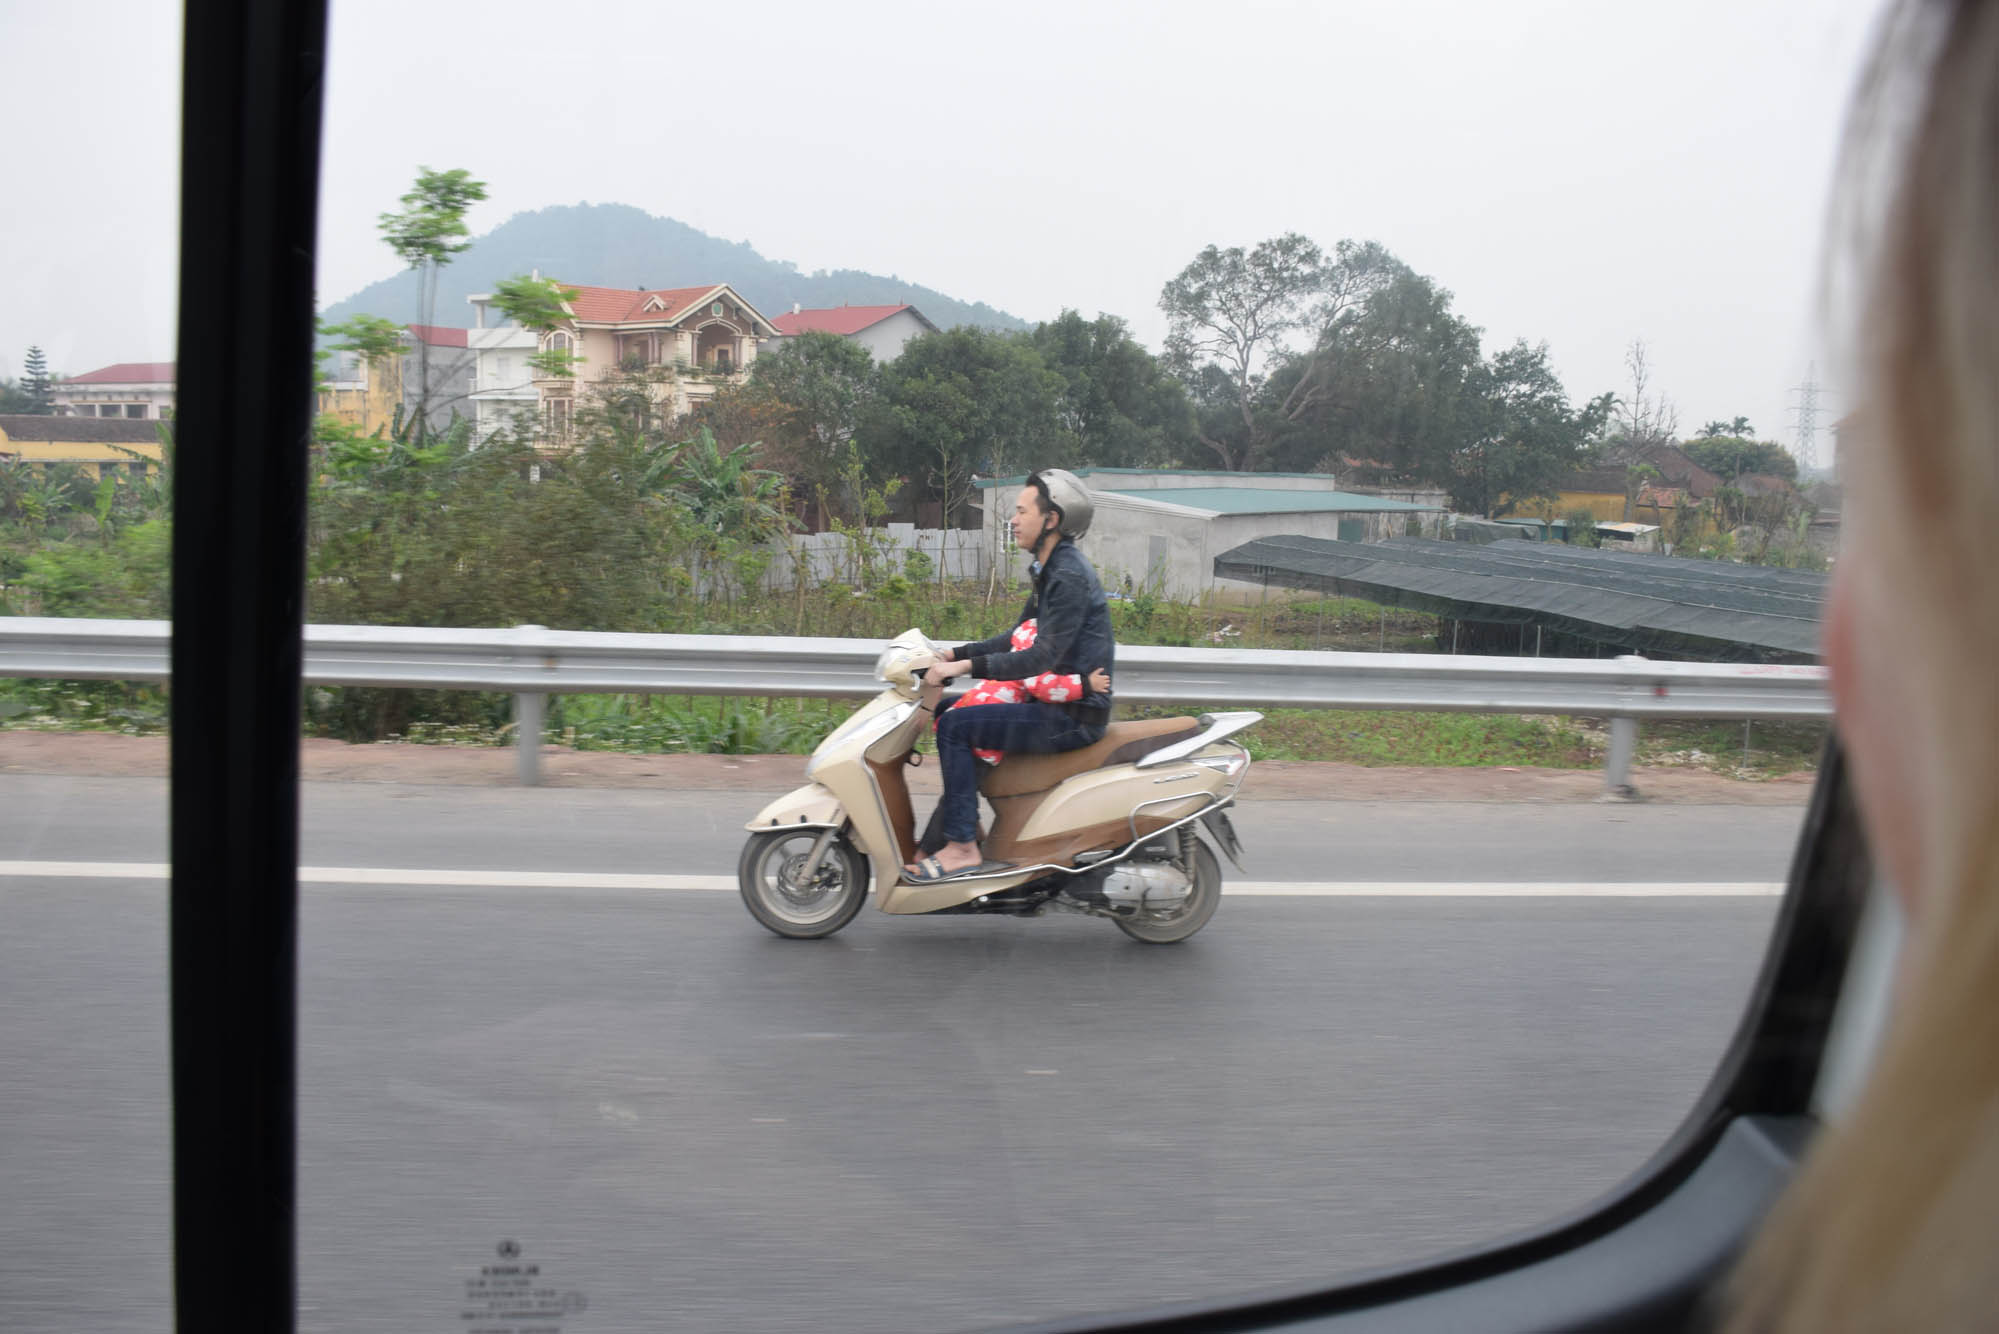 No caminho para Halong bay... Reparem na criança dormindo no colo do motoqueiro!!!!